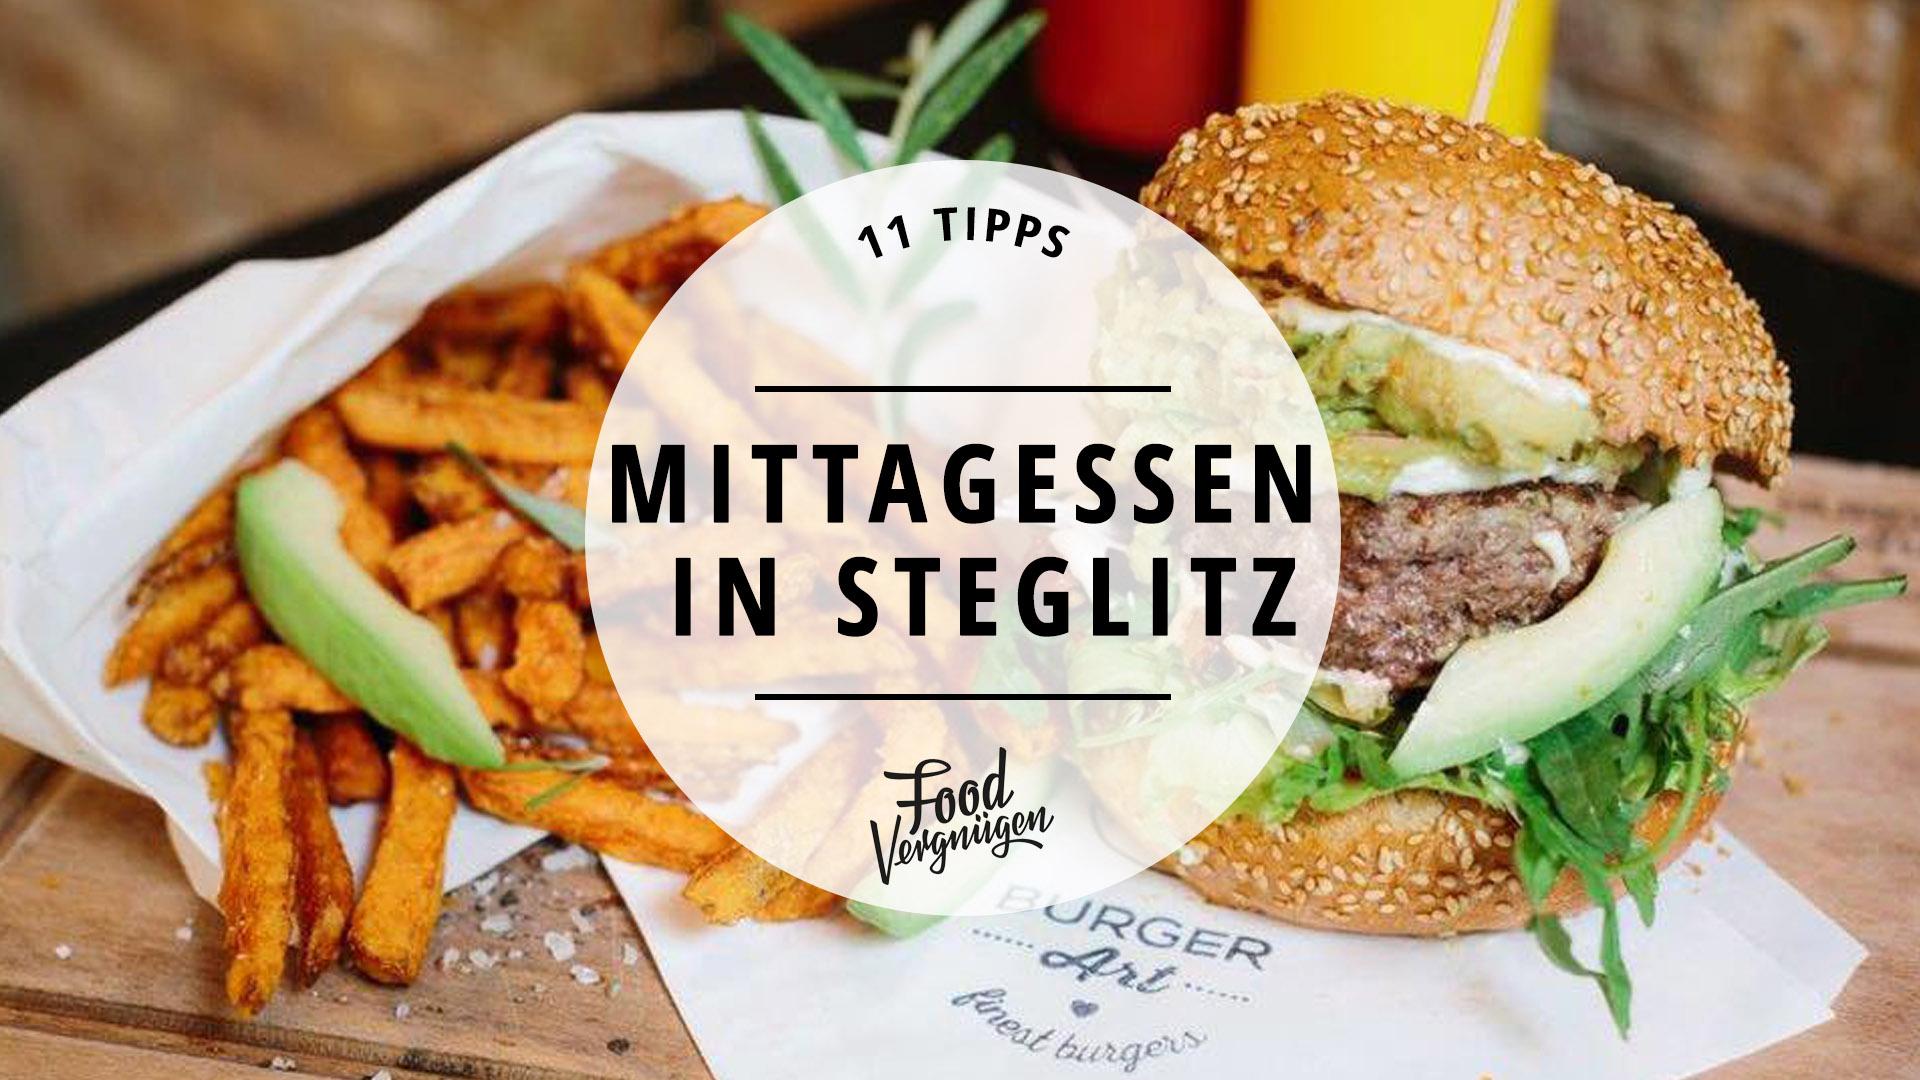 11 lunch spots in steglitz f r eine leckere mittagspause mit vergn gen berlin. Black Bedroom Furniture Sets. Home Design Ideas